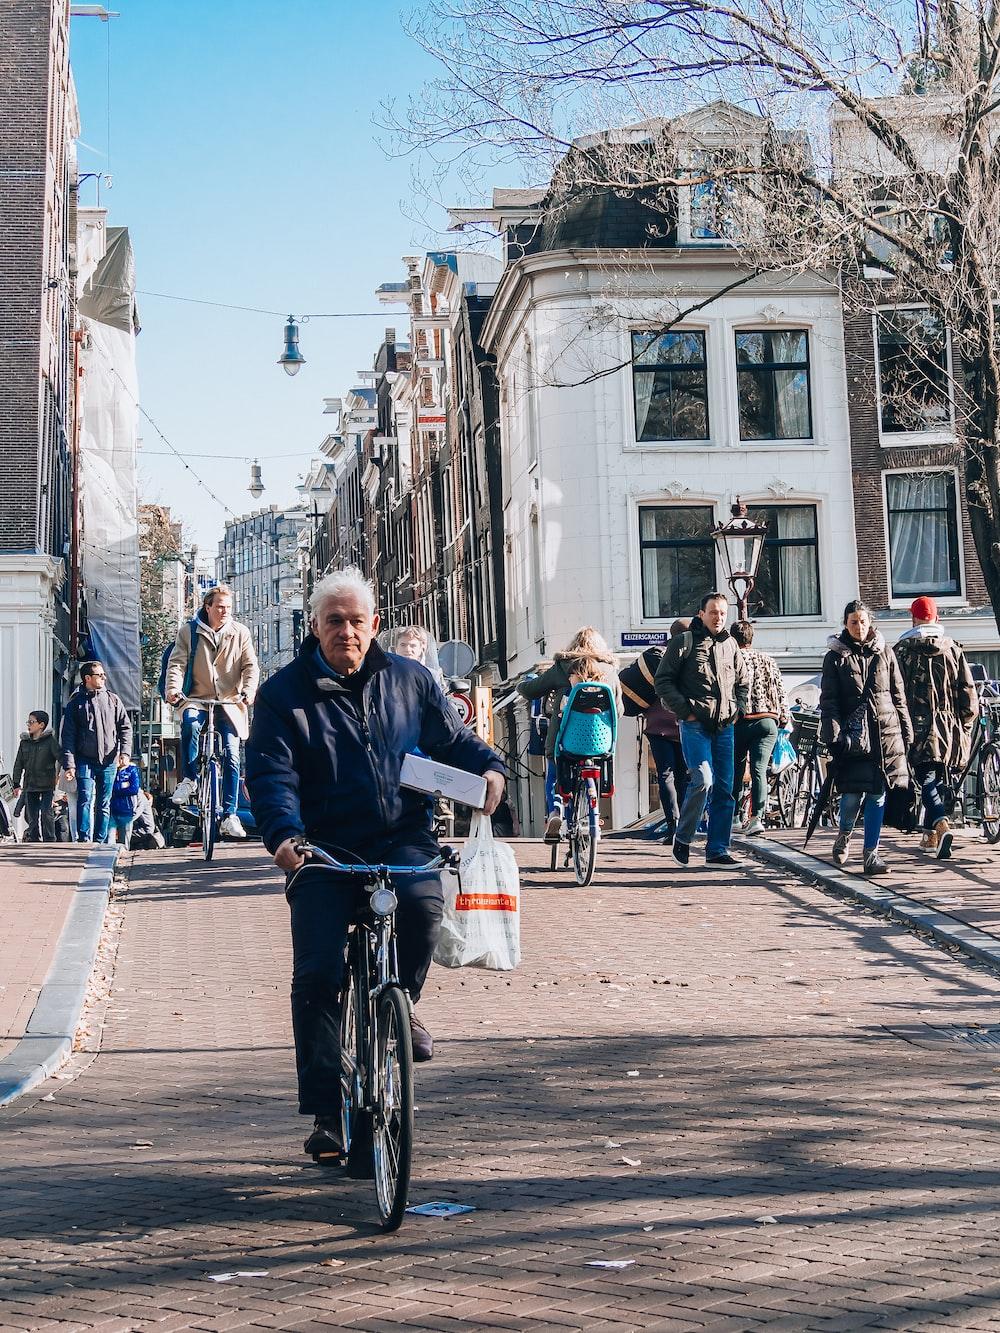 shallow focus photo of man riding bike during daytime